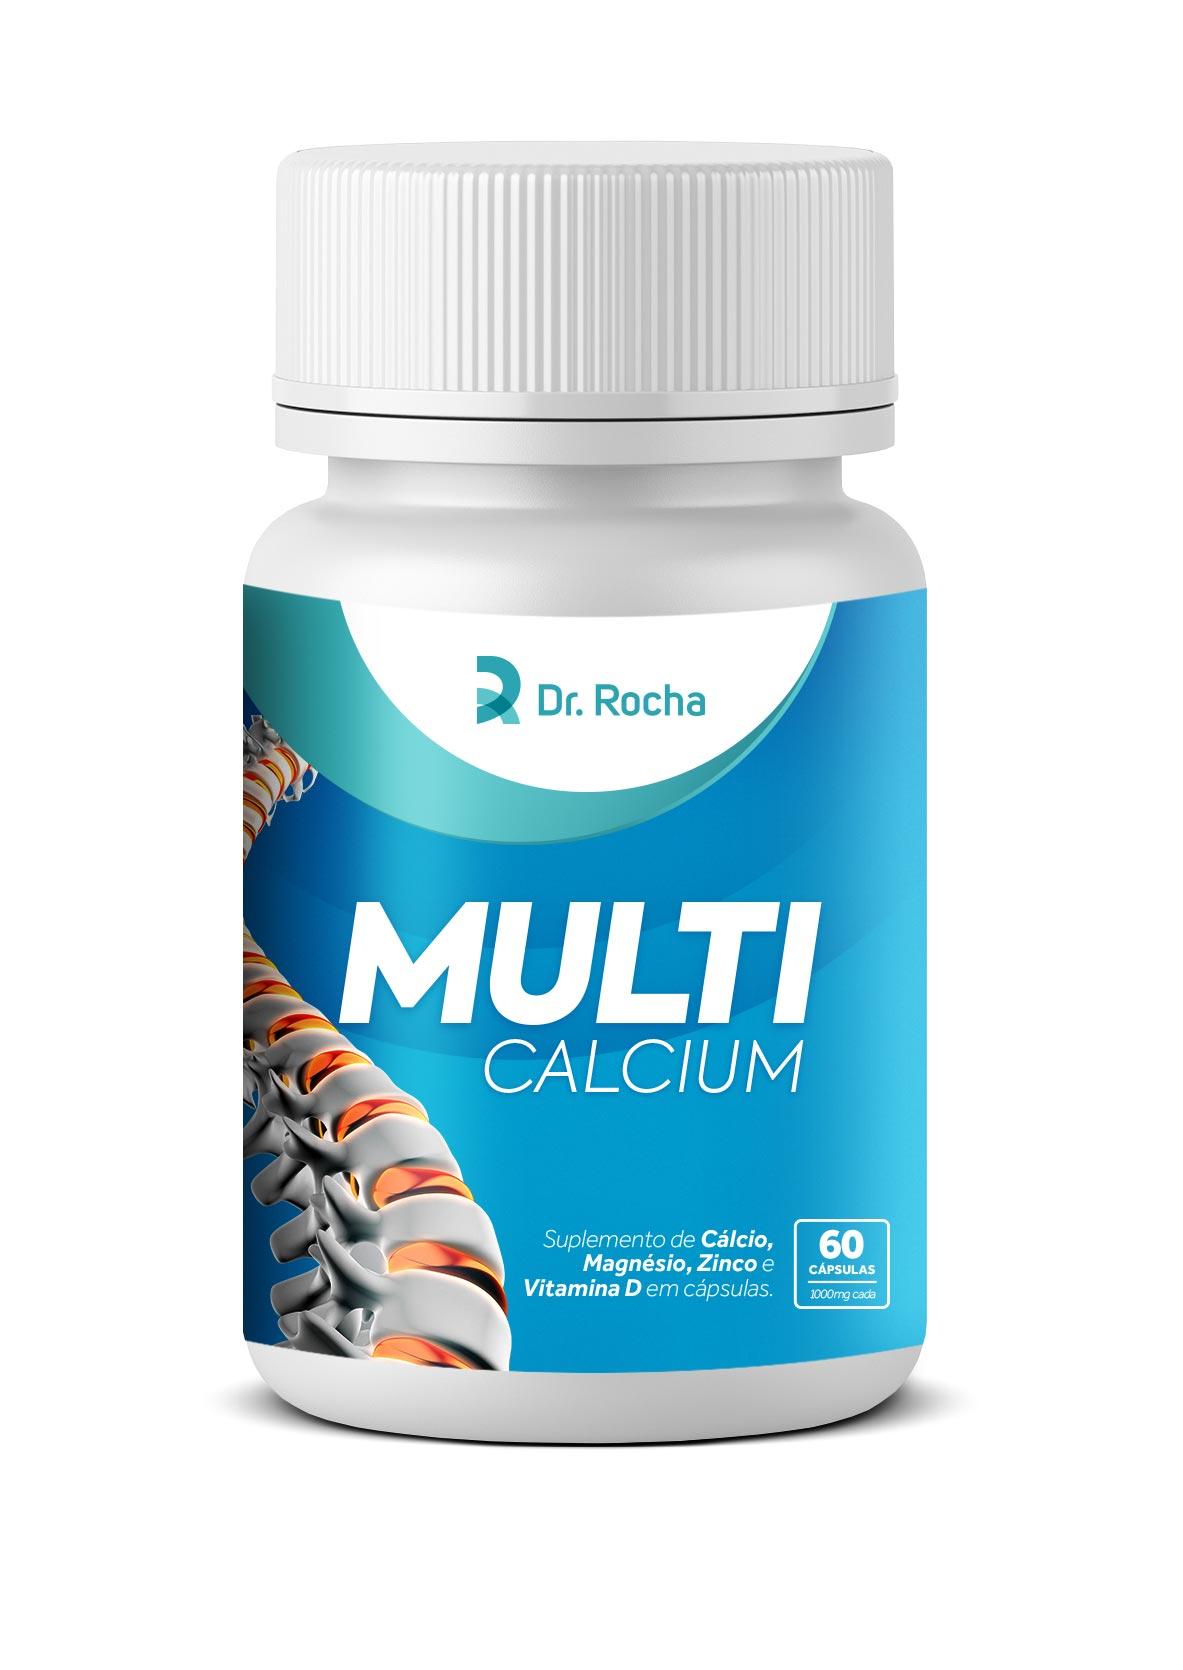 pote multicalcium